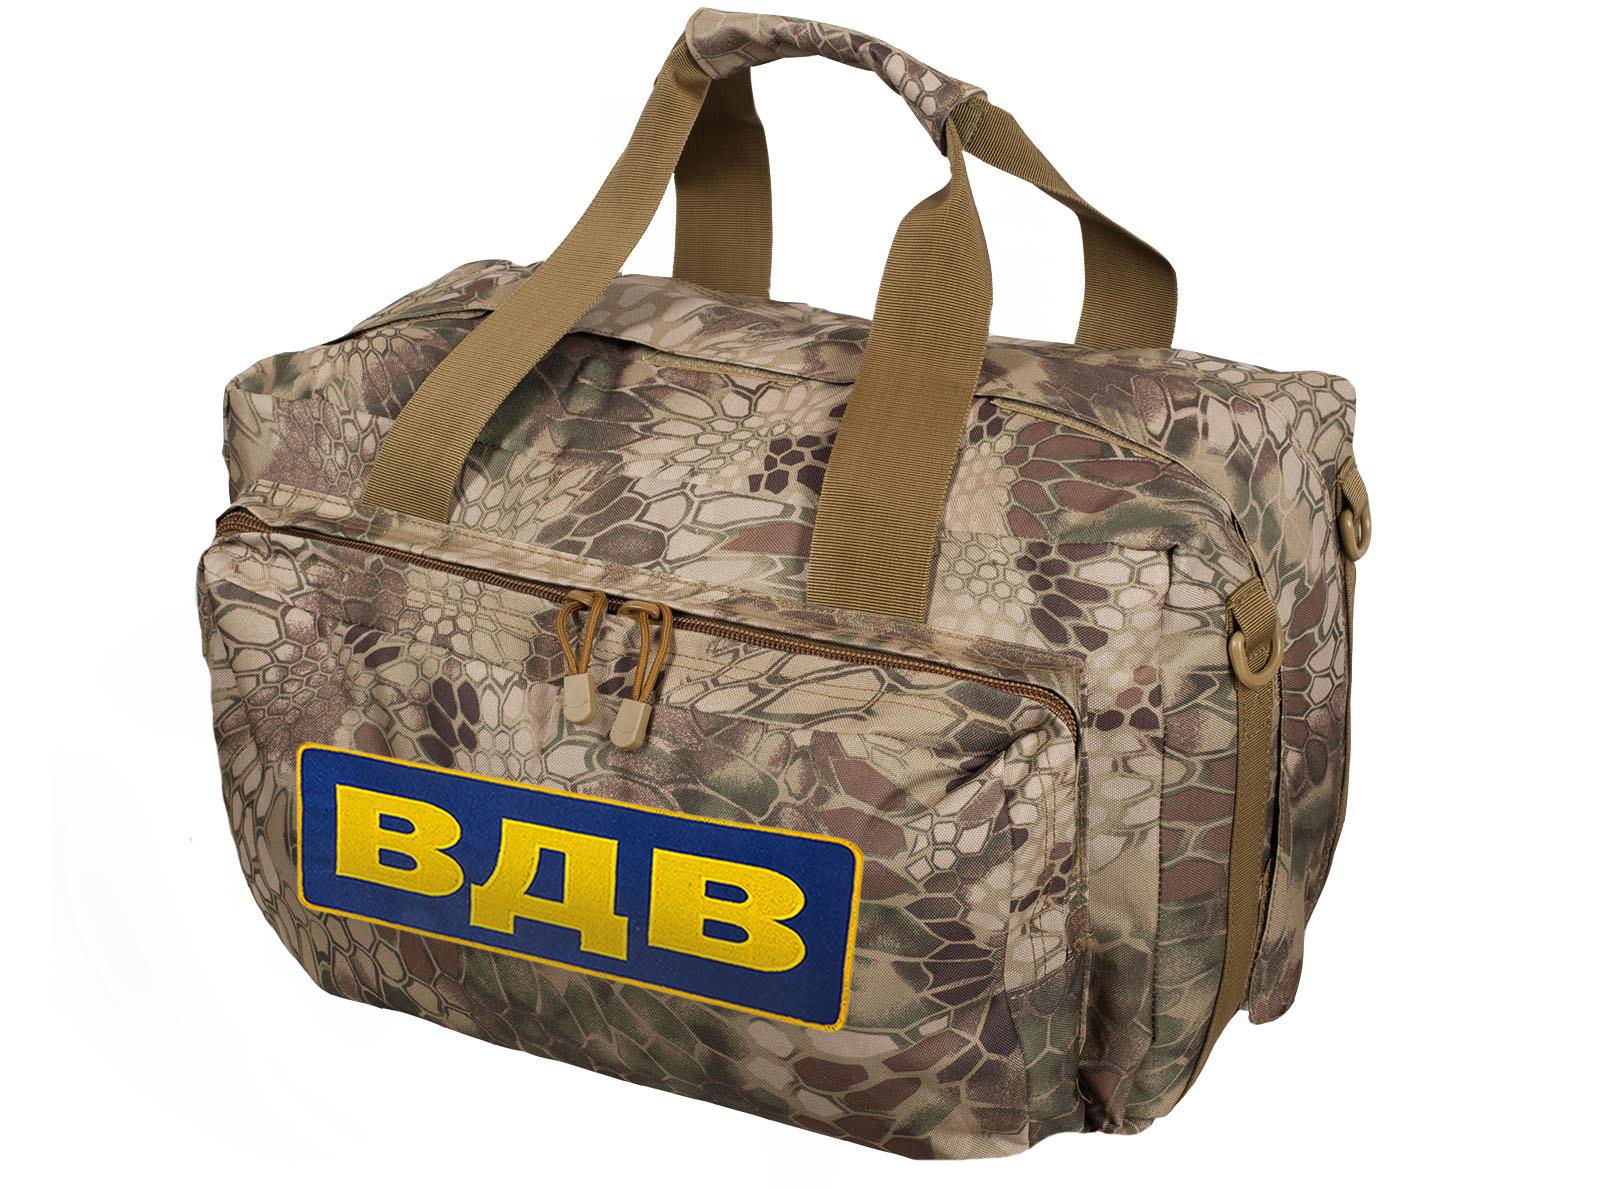 Мужская сумка баул рюкзак с шевроном ВДВ по хорошей скидке